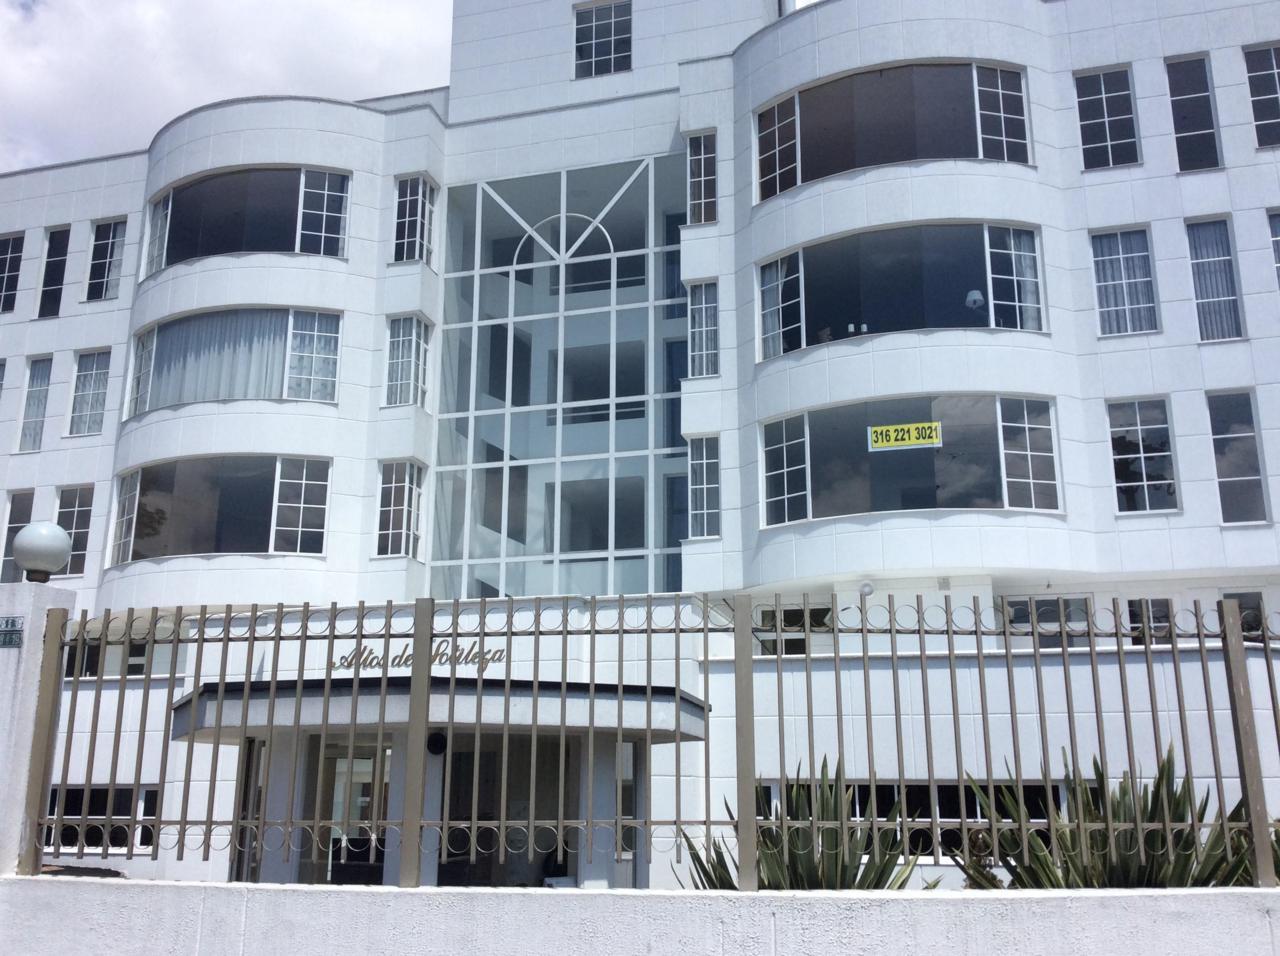 Calle 128 Ka 79 A 128 A 19 Bogota Colomb Circle - Photo 1